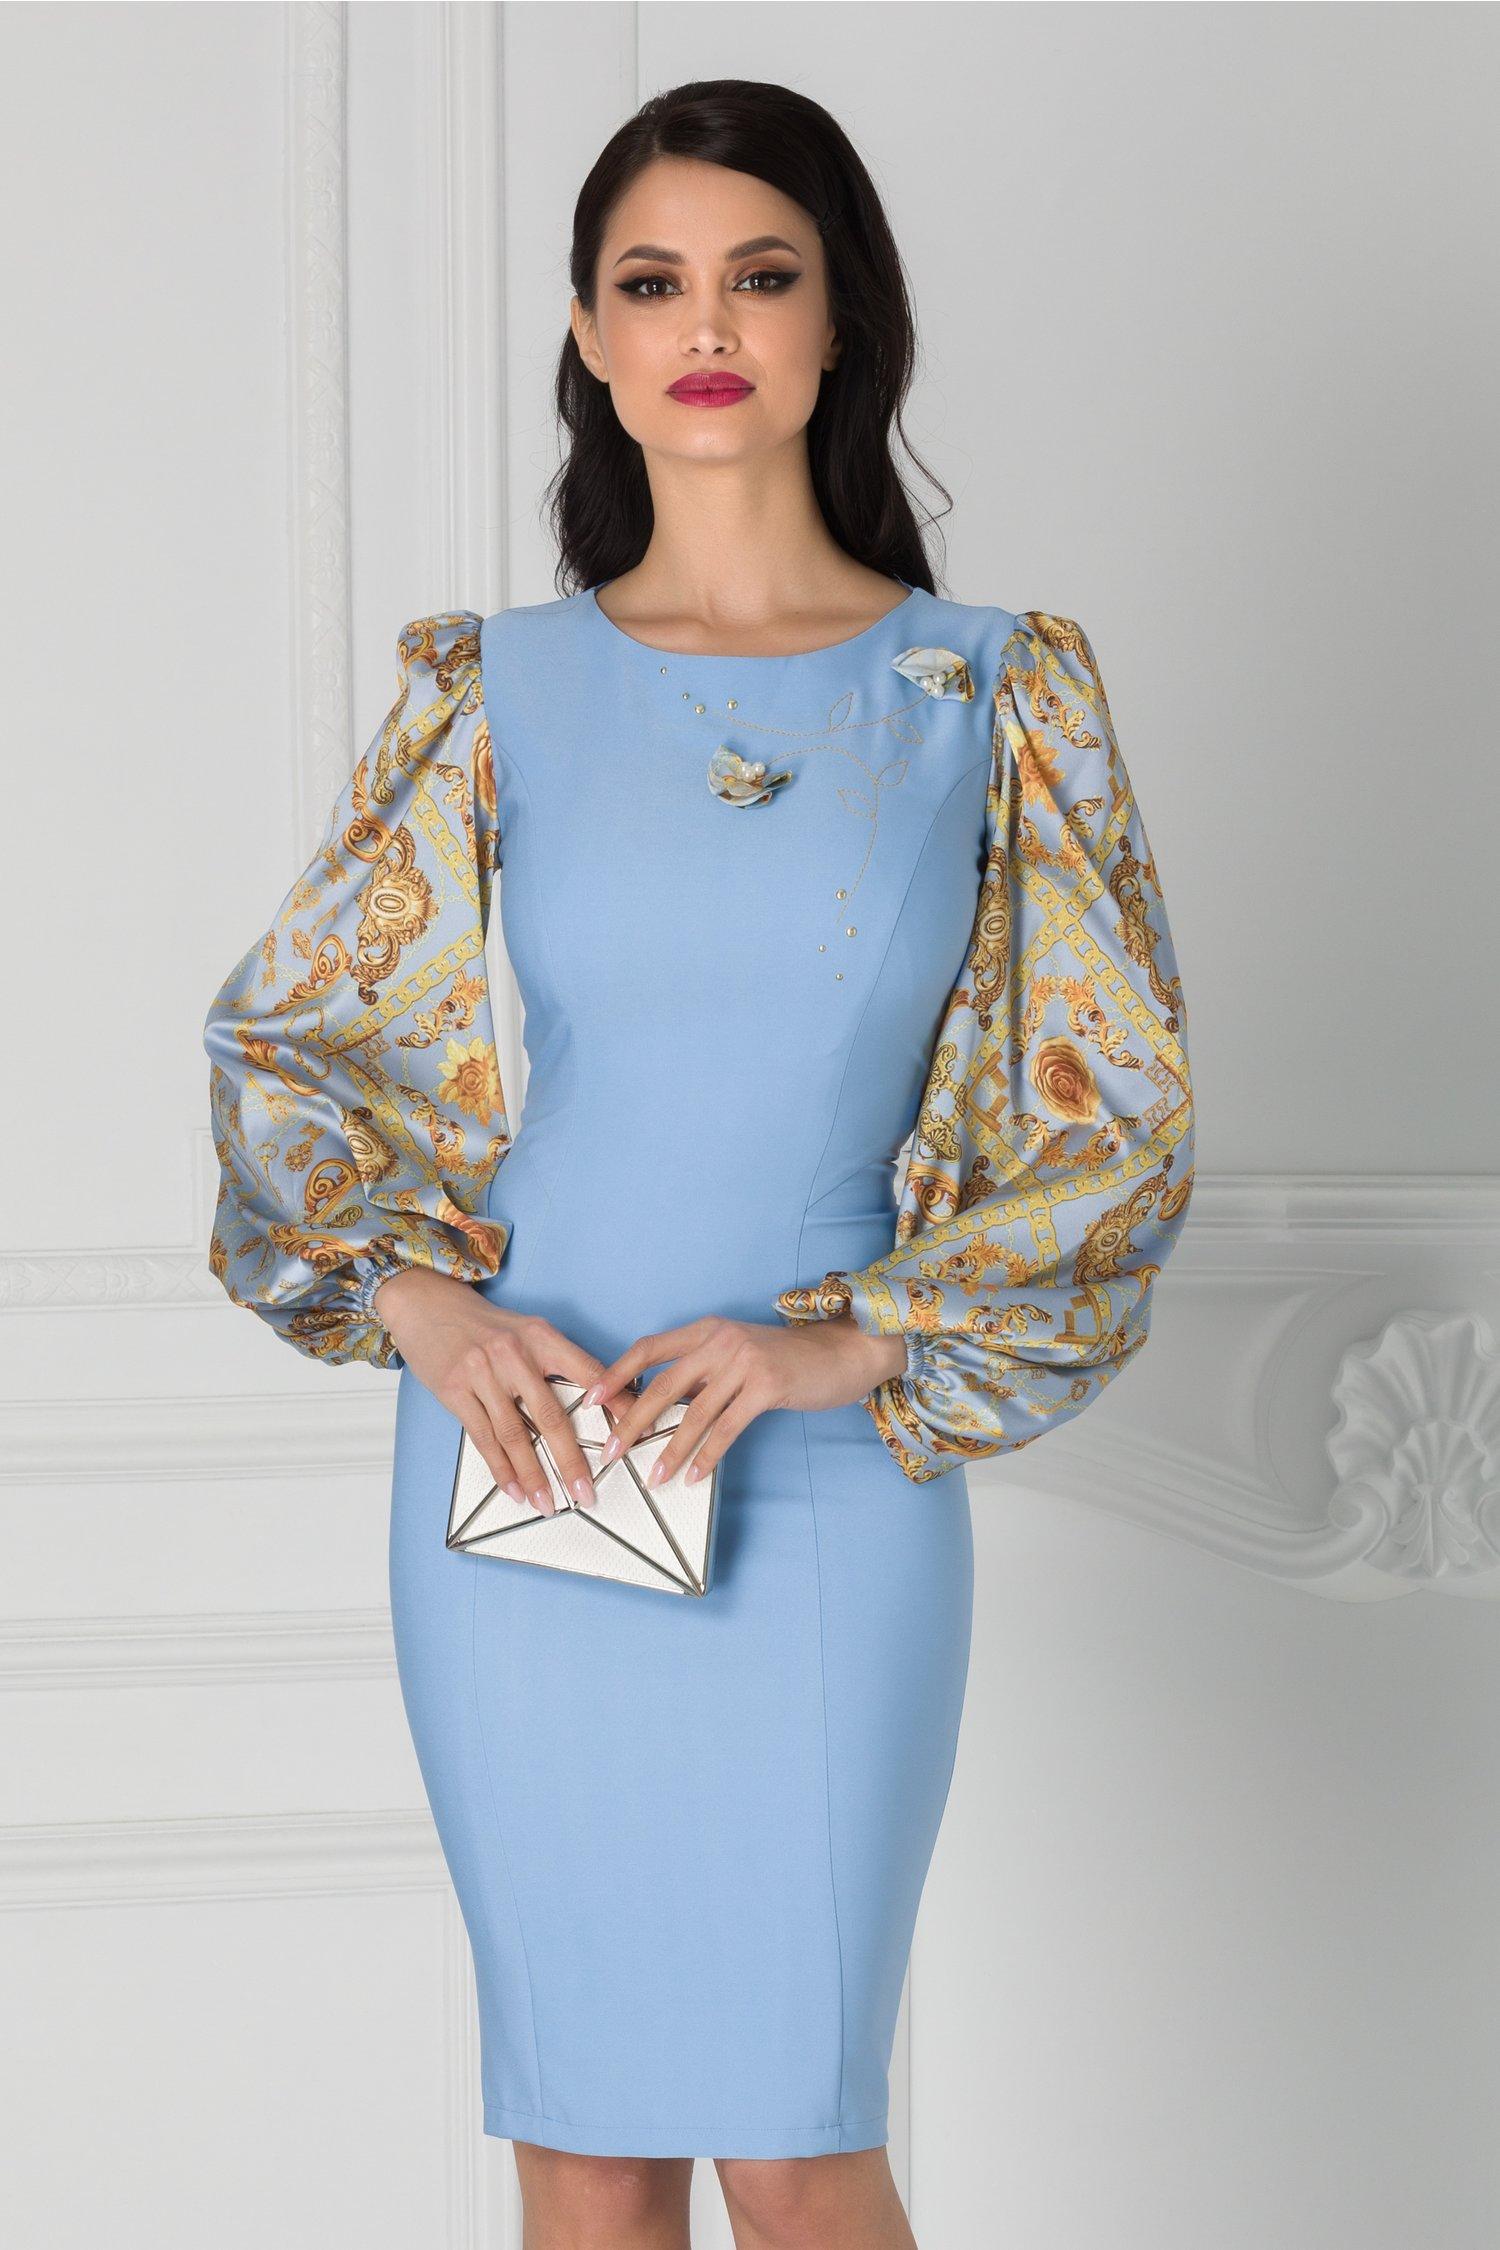 Rochie LaDonna bleu cu imprimeuri galbene la maneci